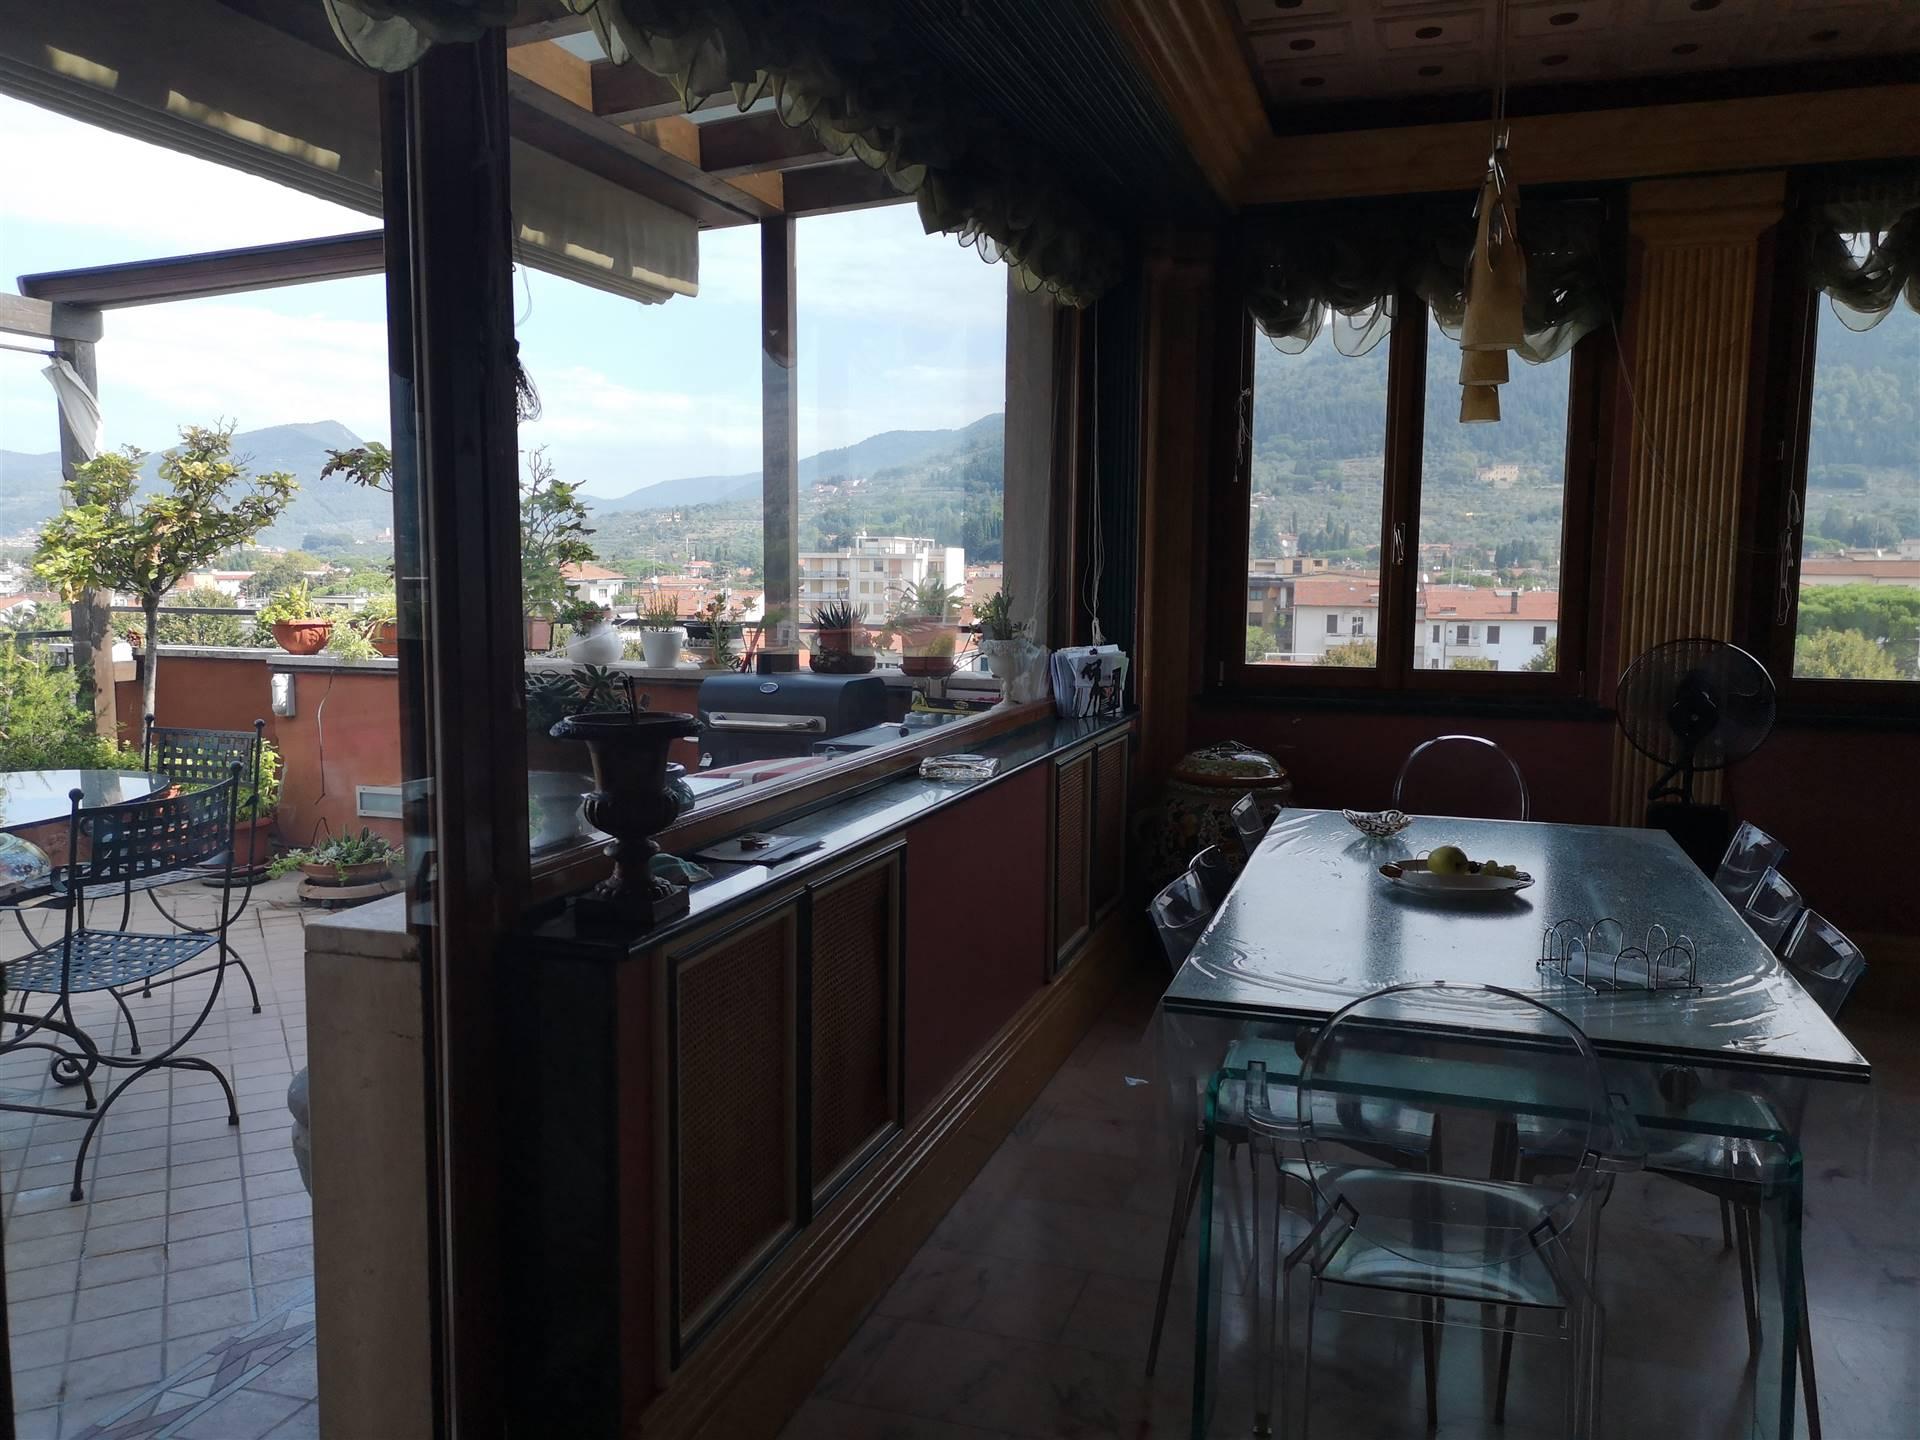 Prato centro: In contesto residenziale di lusso e a due passi dal centro storico della città, vendesi attico posto al 6° piano con ascensore, di